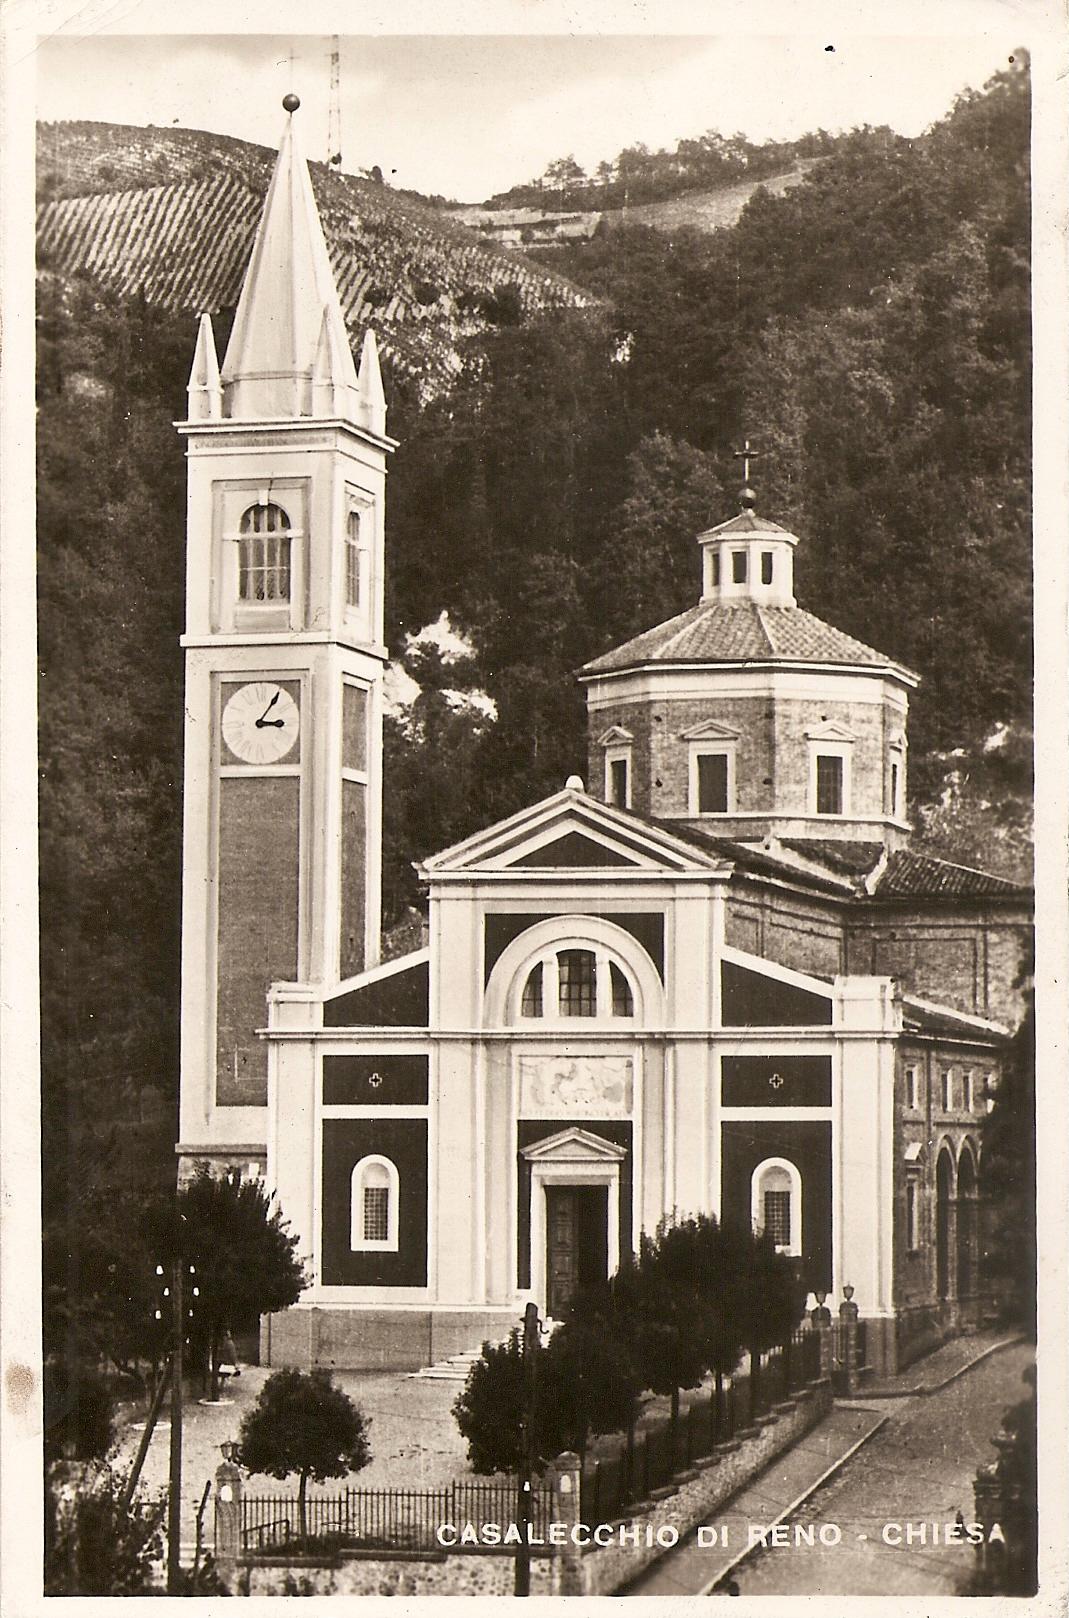 La Chiesa Parrocchiale di San Martino all'inizio degli anni'40, ormai completata col nuovo campanile a sinistra